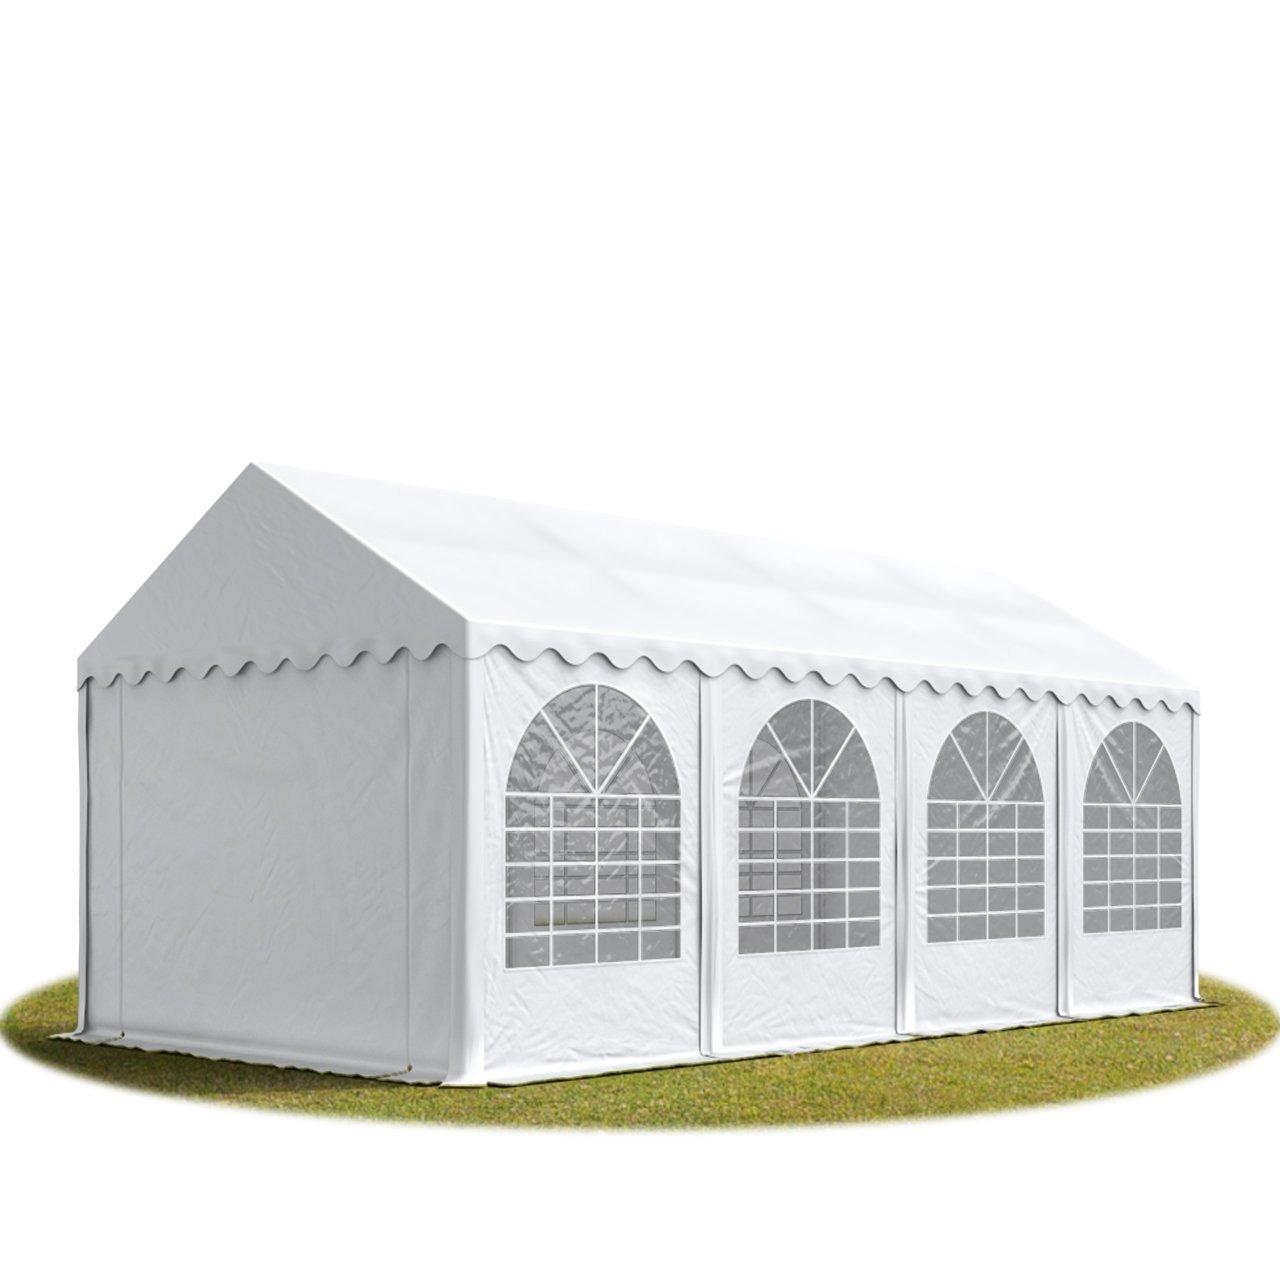 Festzelt XXL Partyzelt 4x8m, hochwertige 550g/m² feuersichere PVC Plane nach DIN in weiß, 100% wasserdicht, vollverzinkte Stahlkonstruktion mit Verbolzung, Seitenhöhe ca. 2,6 m